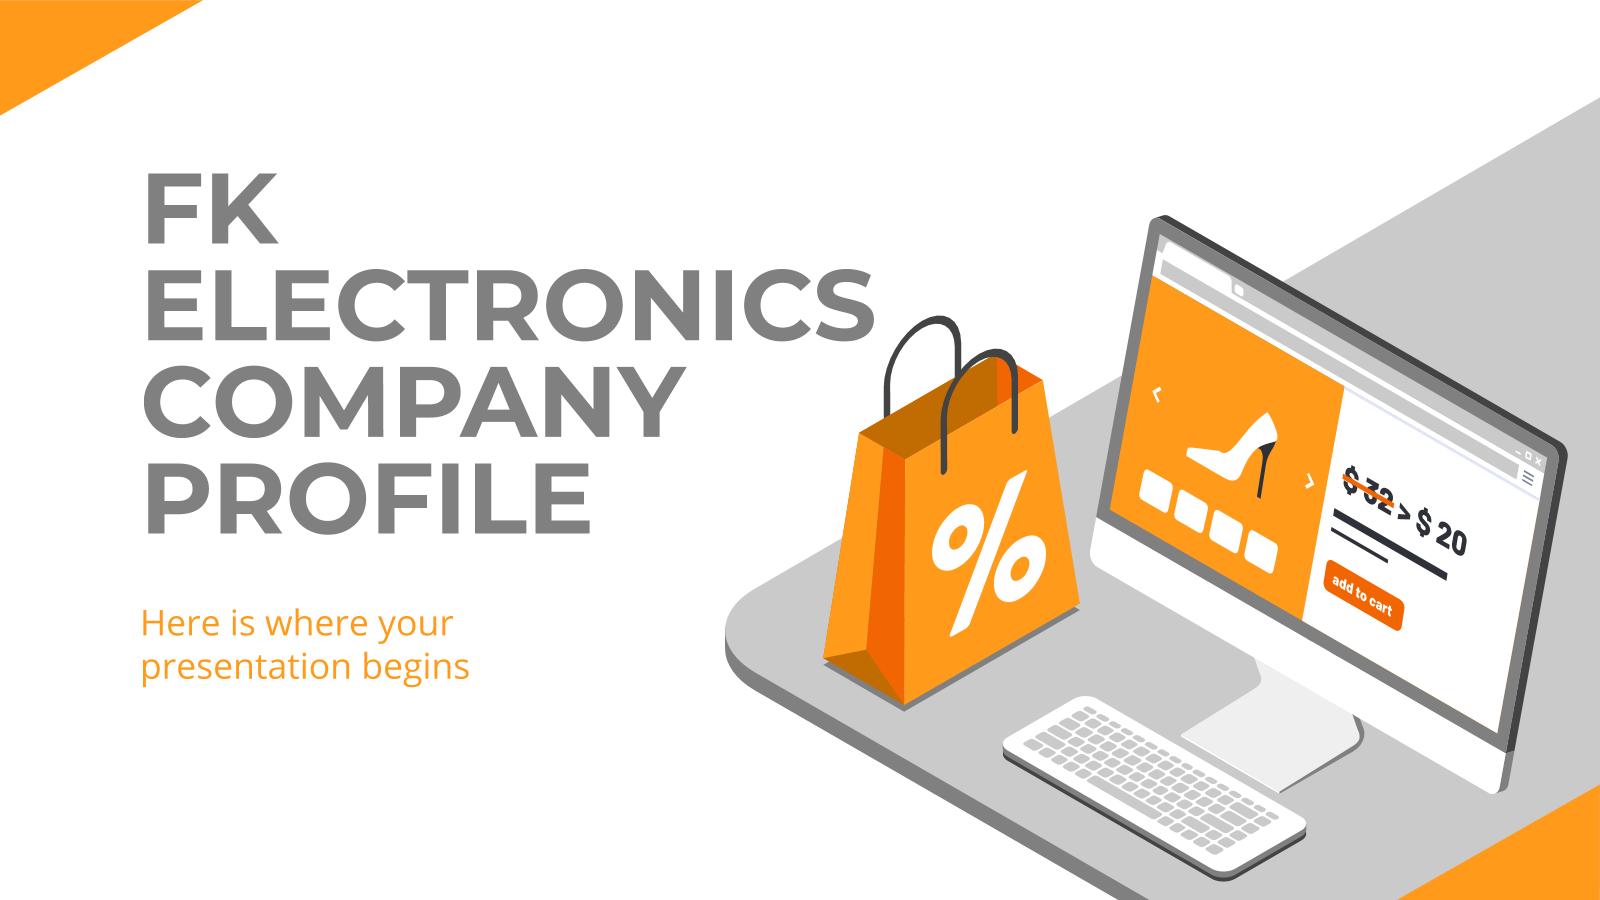 Profil d'entreprise FK Electronics : Modèles de présentation